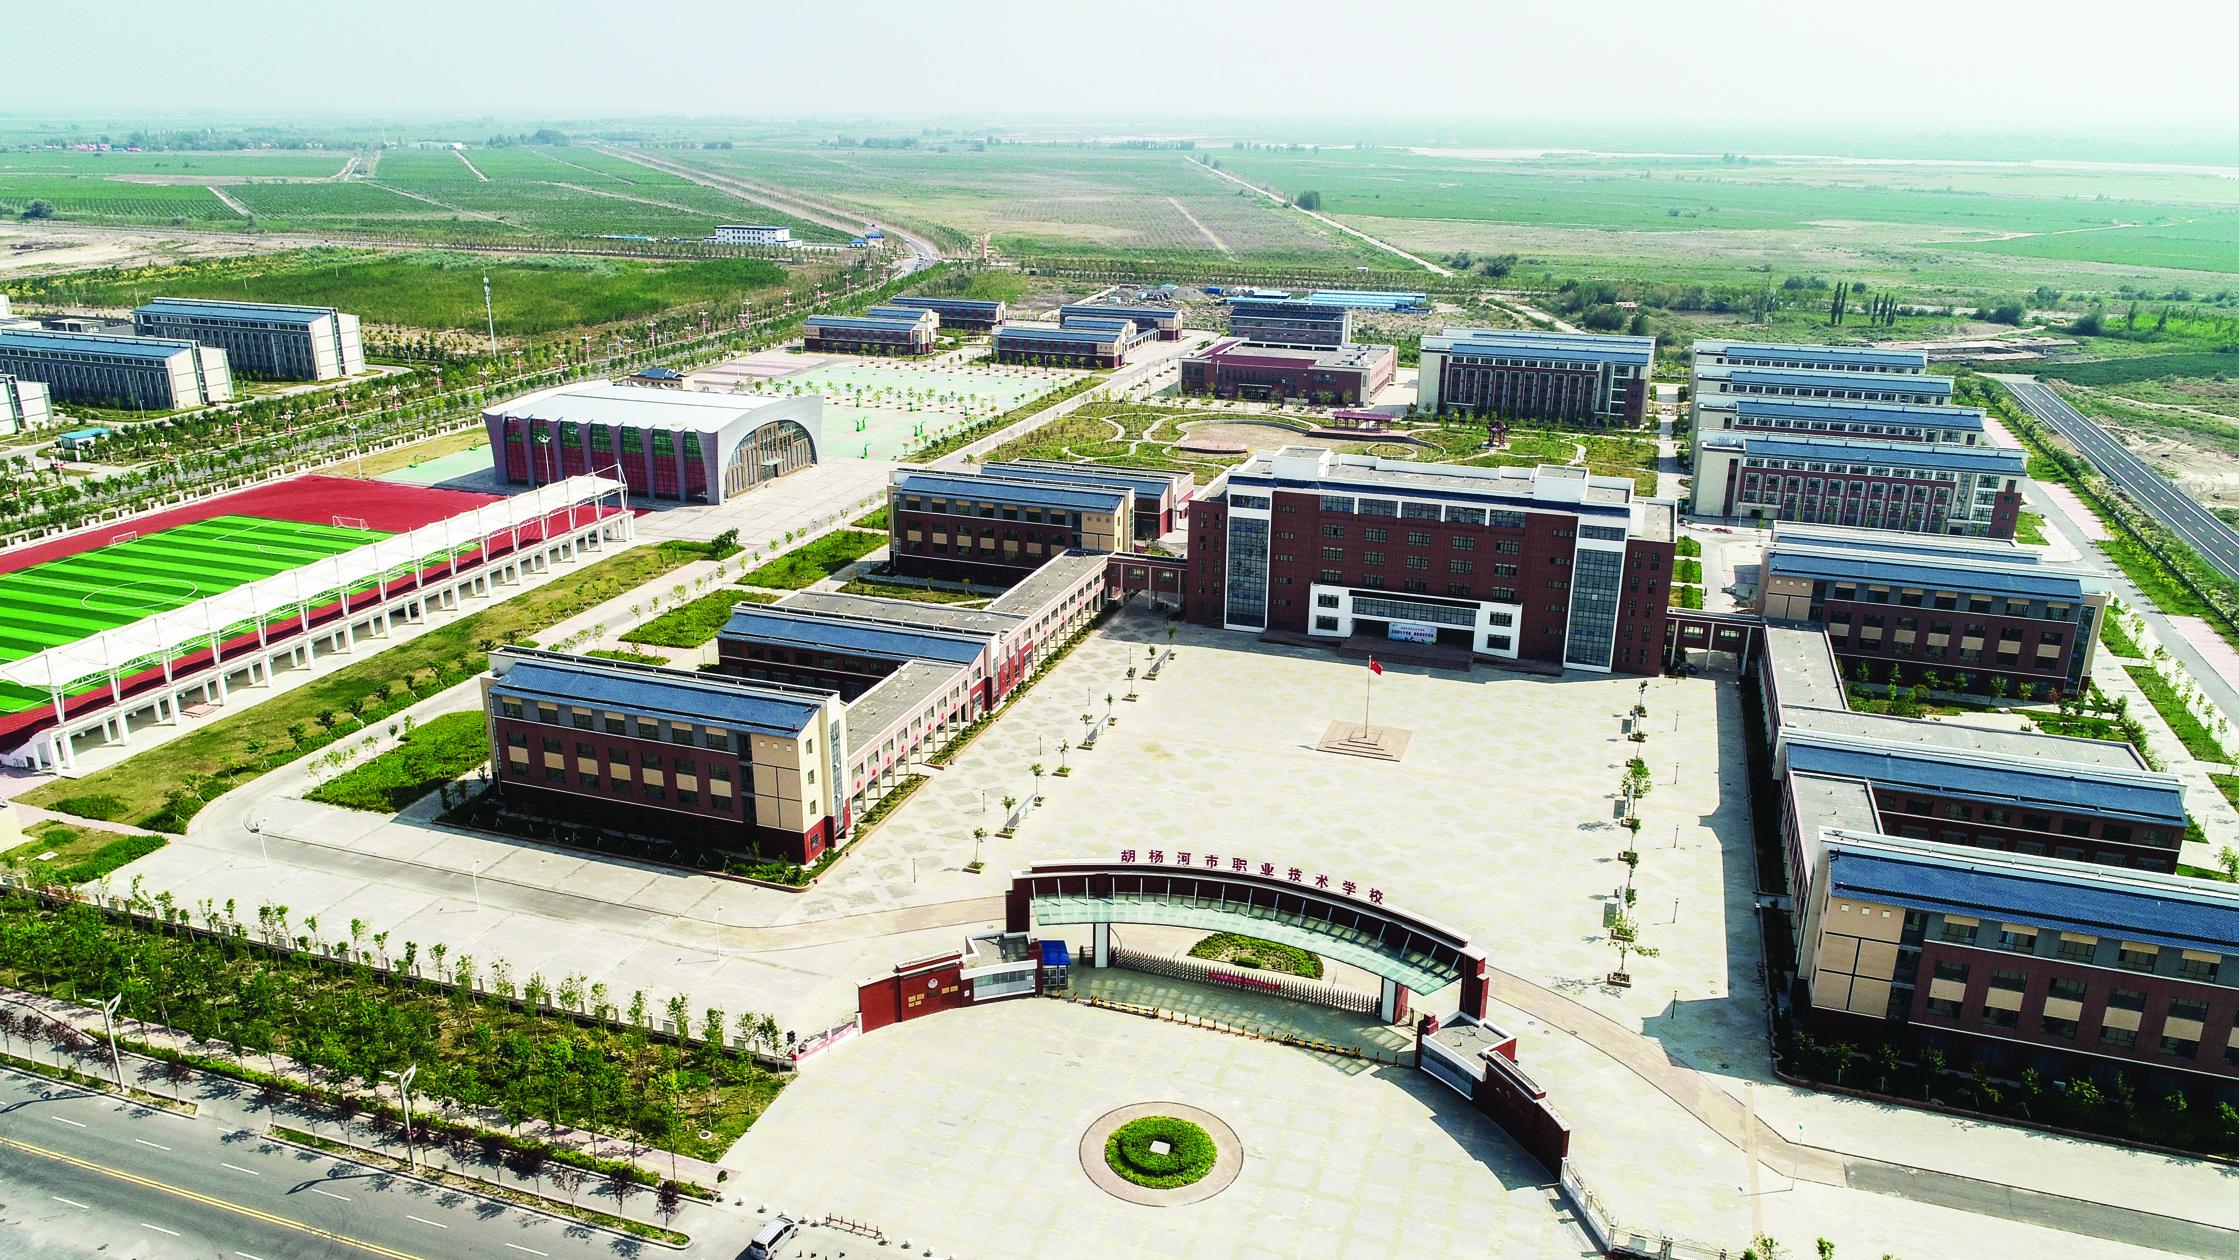 援建项目——胡杨河职业技术学校。